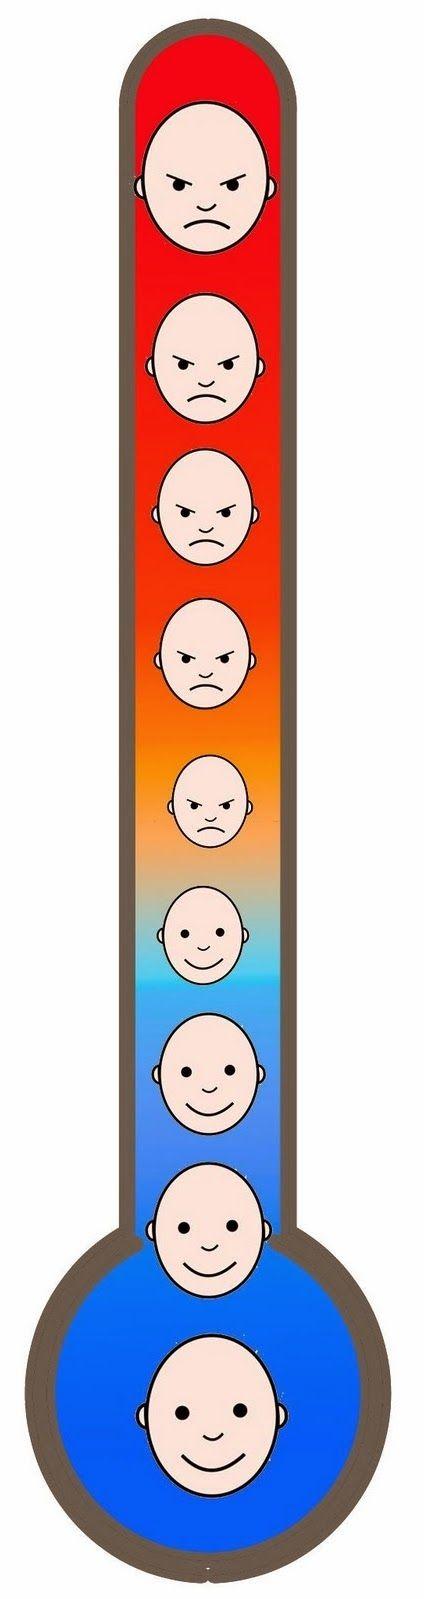 Las Mejores 10 Ideas De Diseno Termometro Actividades Emociones Educacion Disenos De Unas Termometro digital infrarrojo medico sin contacto certificado aicare a66. actividades emociones